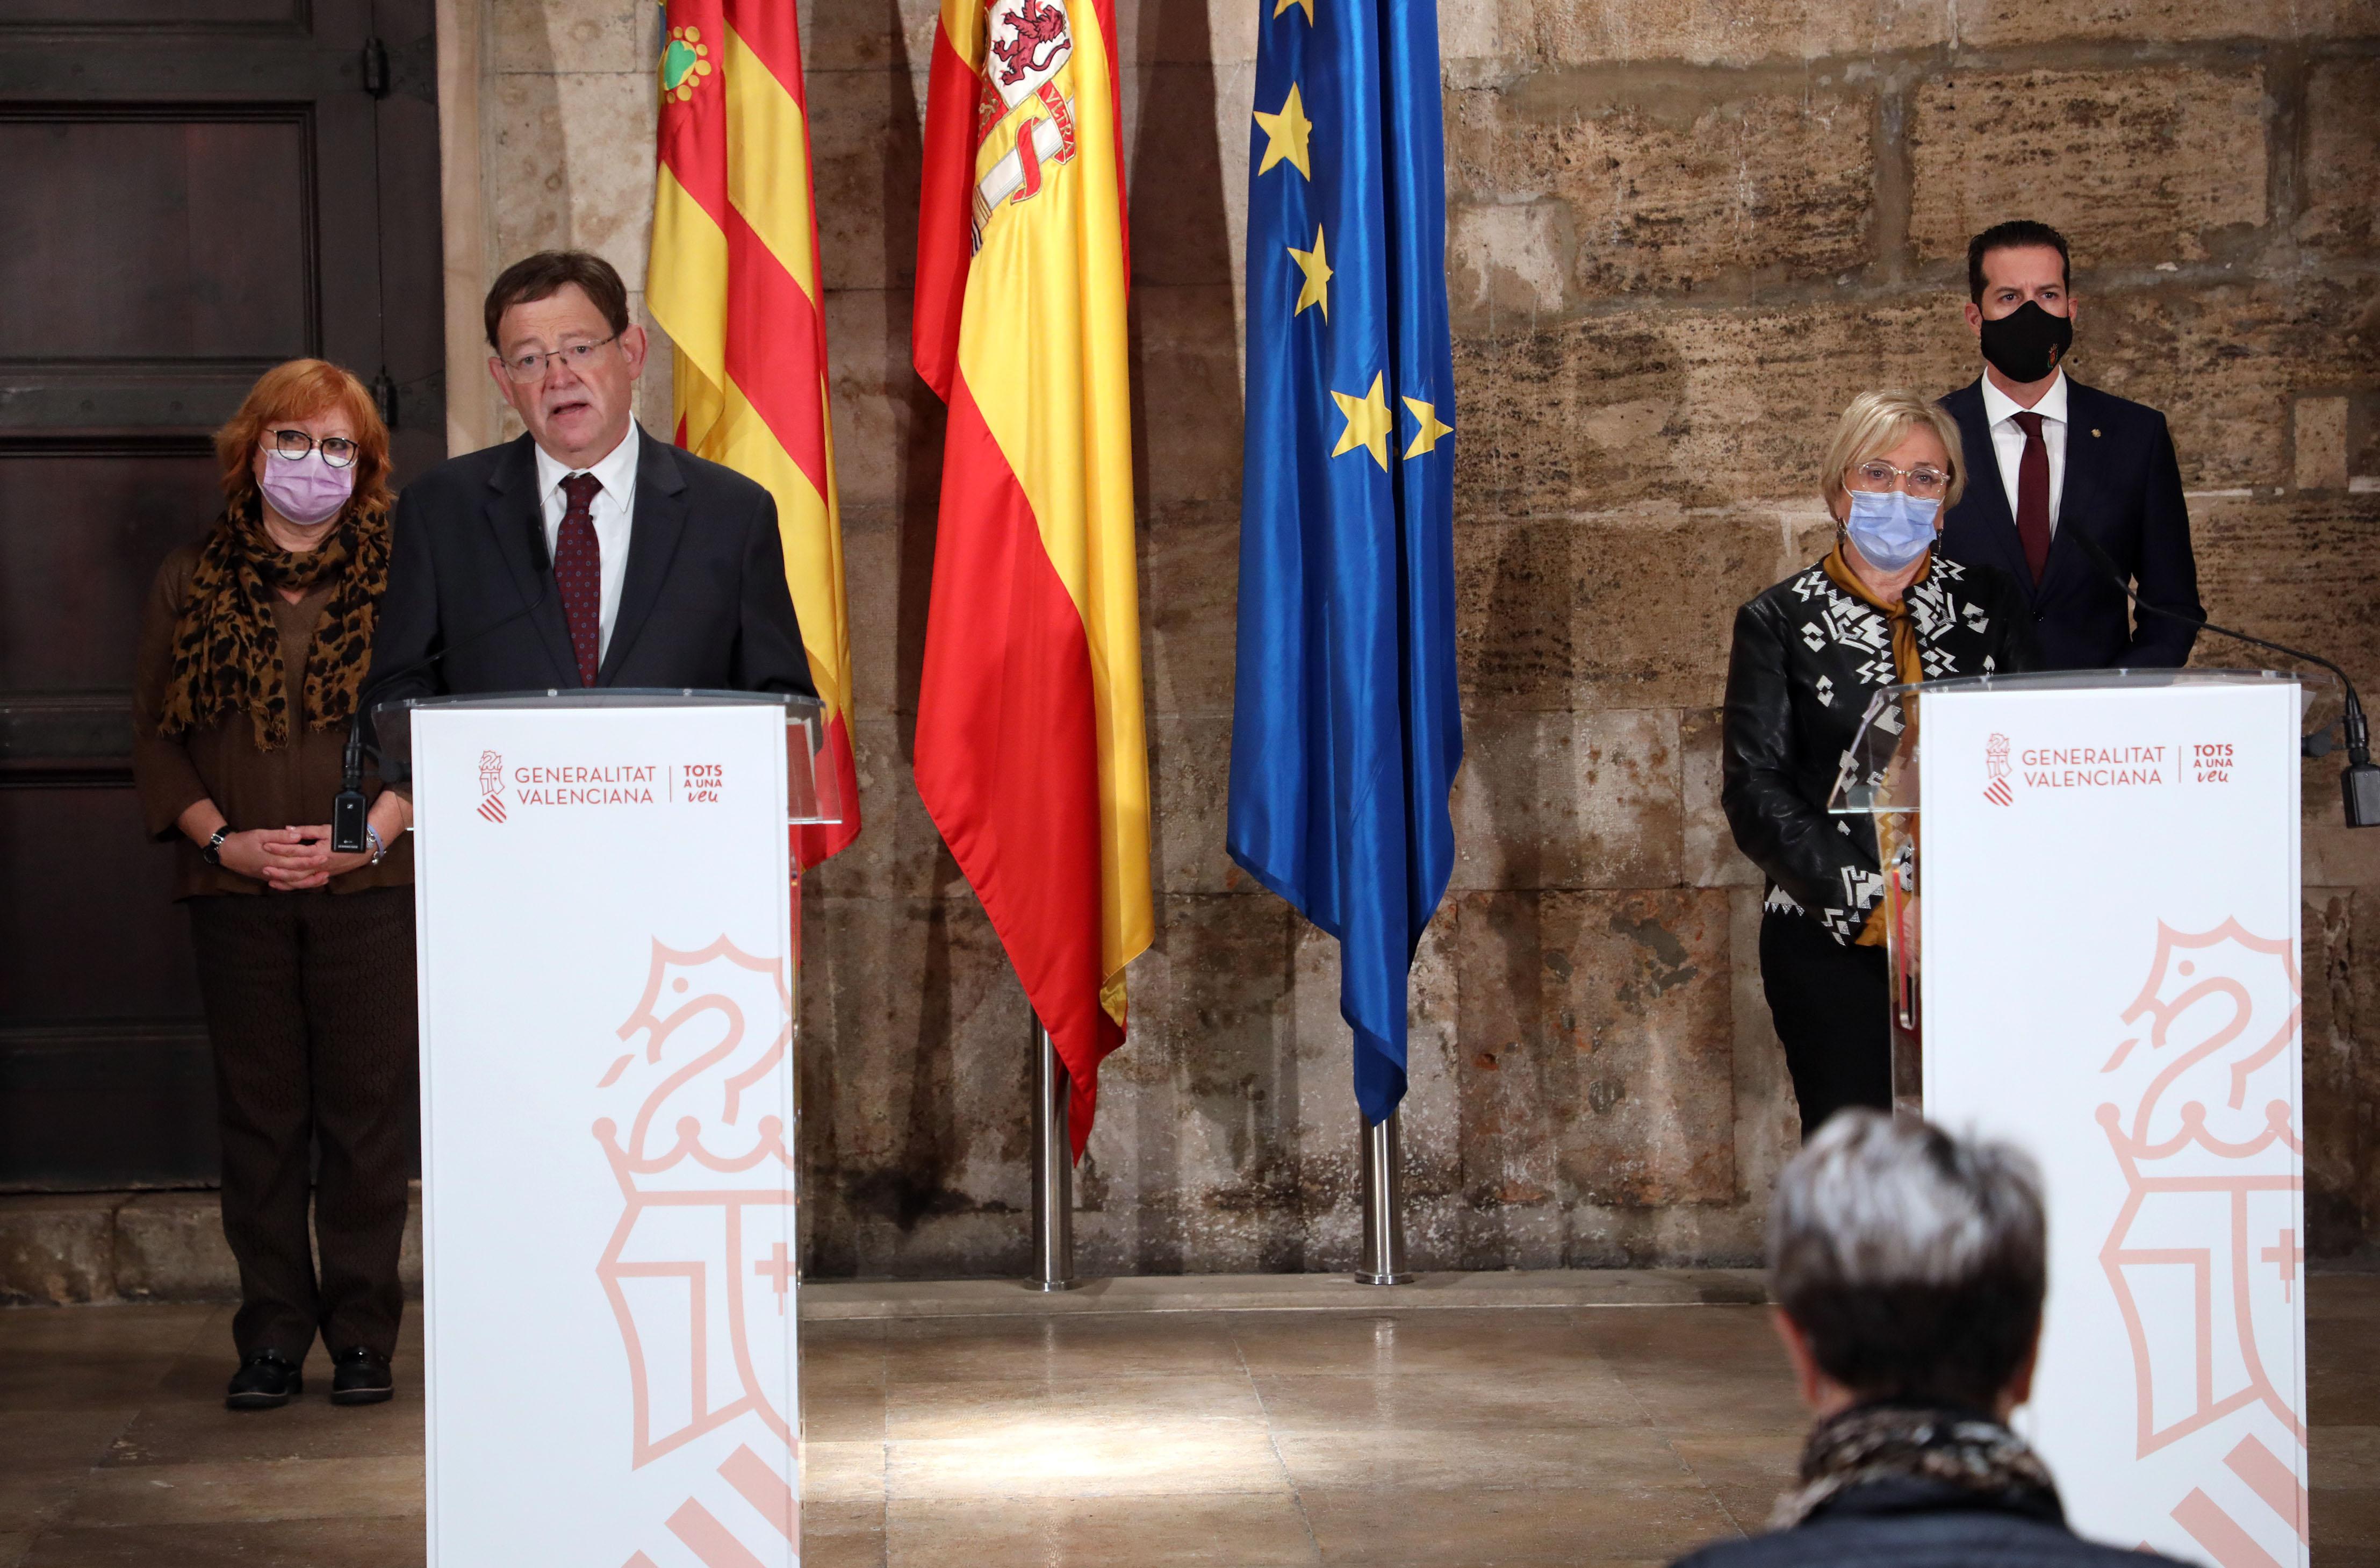 """Ximo Puig anuncia la pròrroga del tancament perimetral de la Comunitat Valenciana i el dels municipis d""""Elda i Petrer, així com noves mesures de l..."""